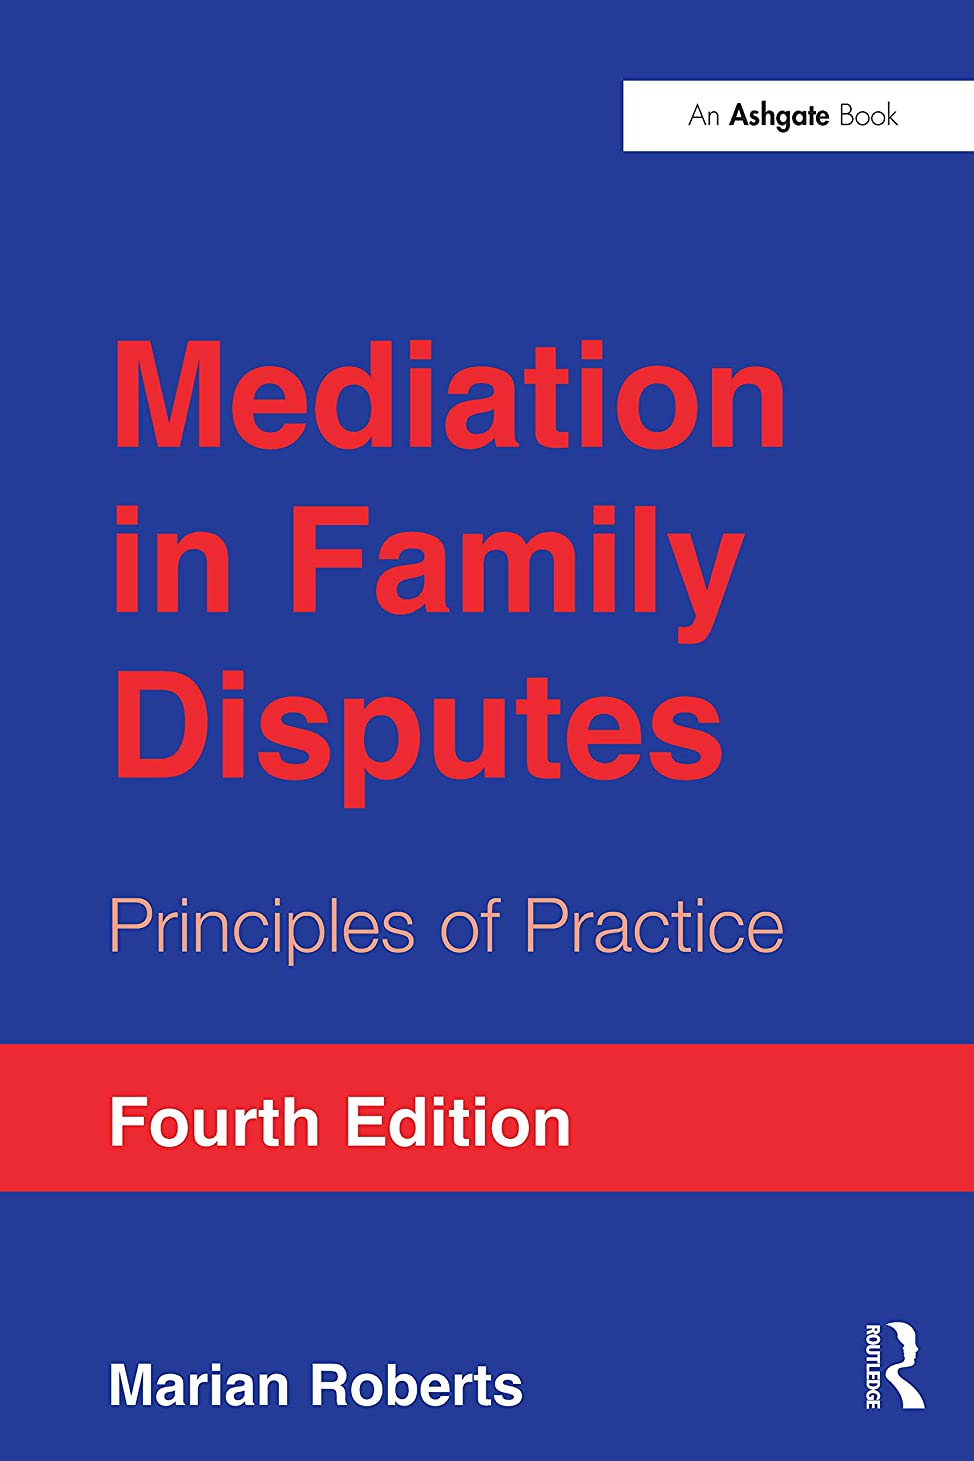 クリーナーアパート酔うMediation in Family Disputes: Principles of Practice (English Edition)